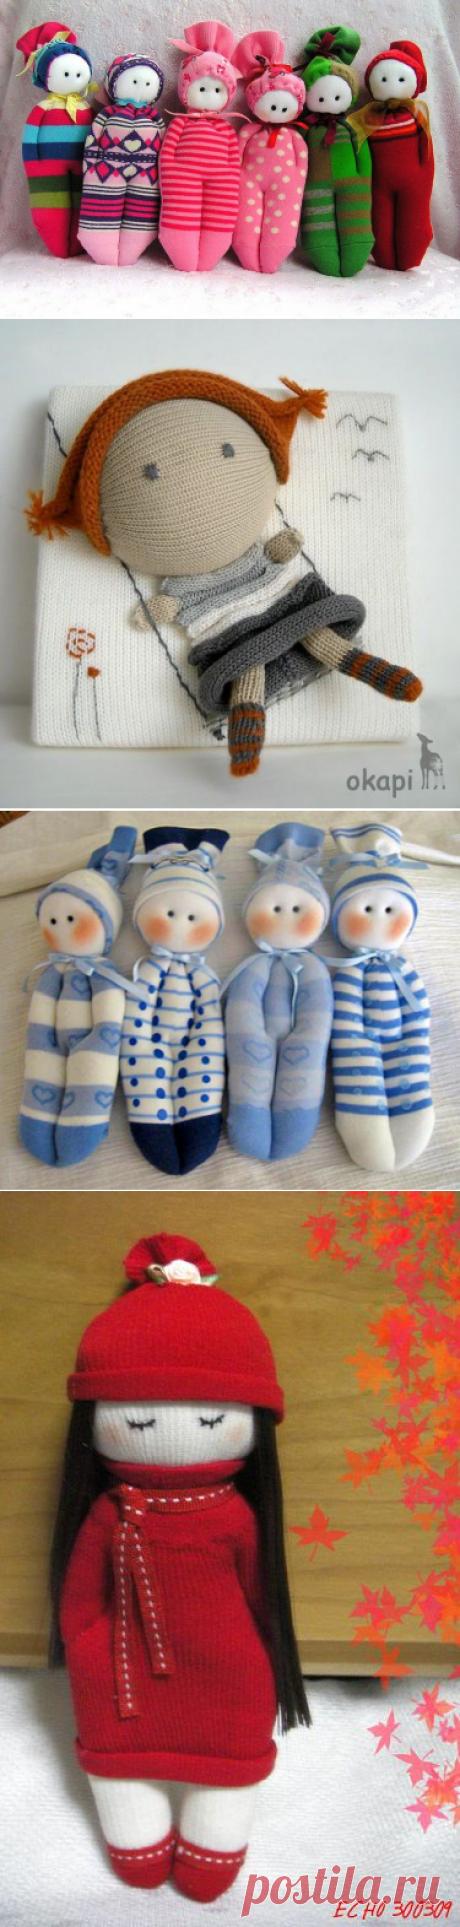 Куклы своими руками из носков, фото, инструкция